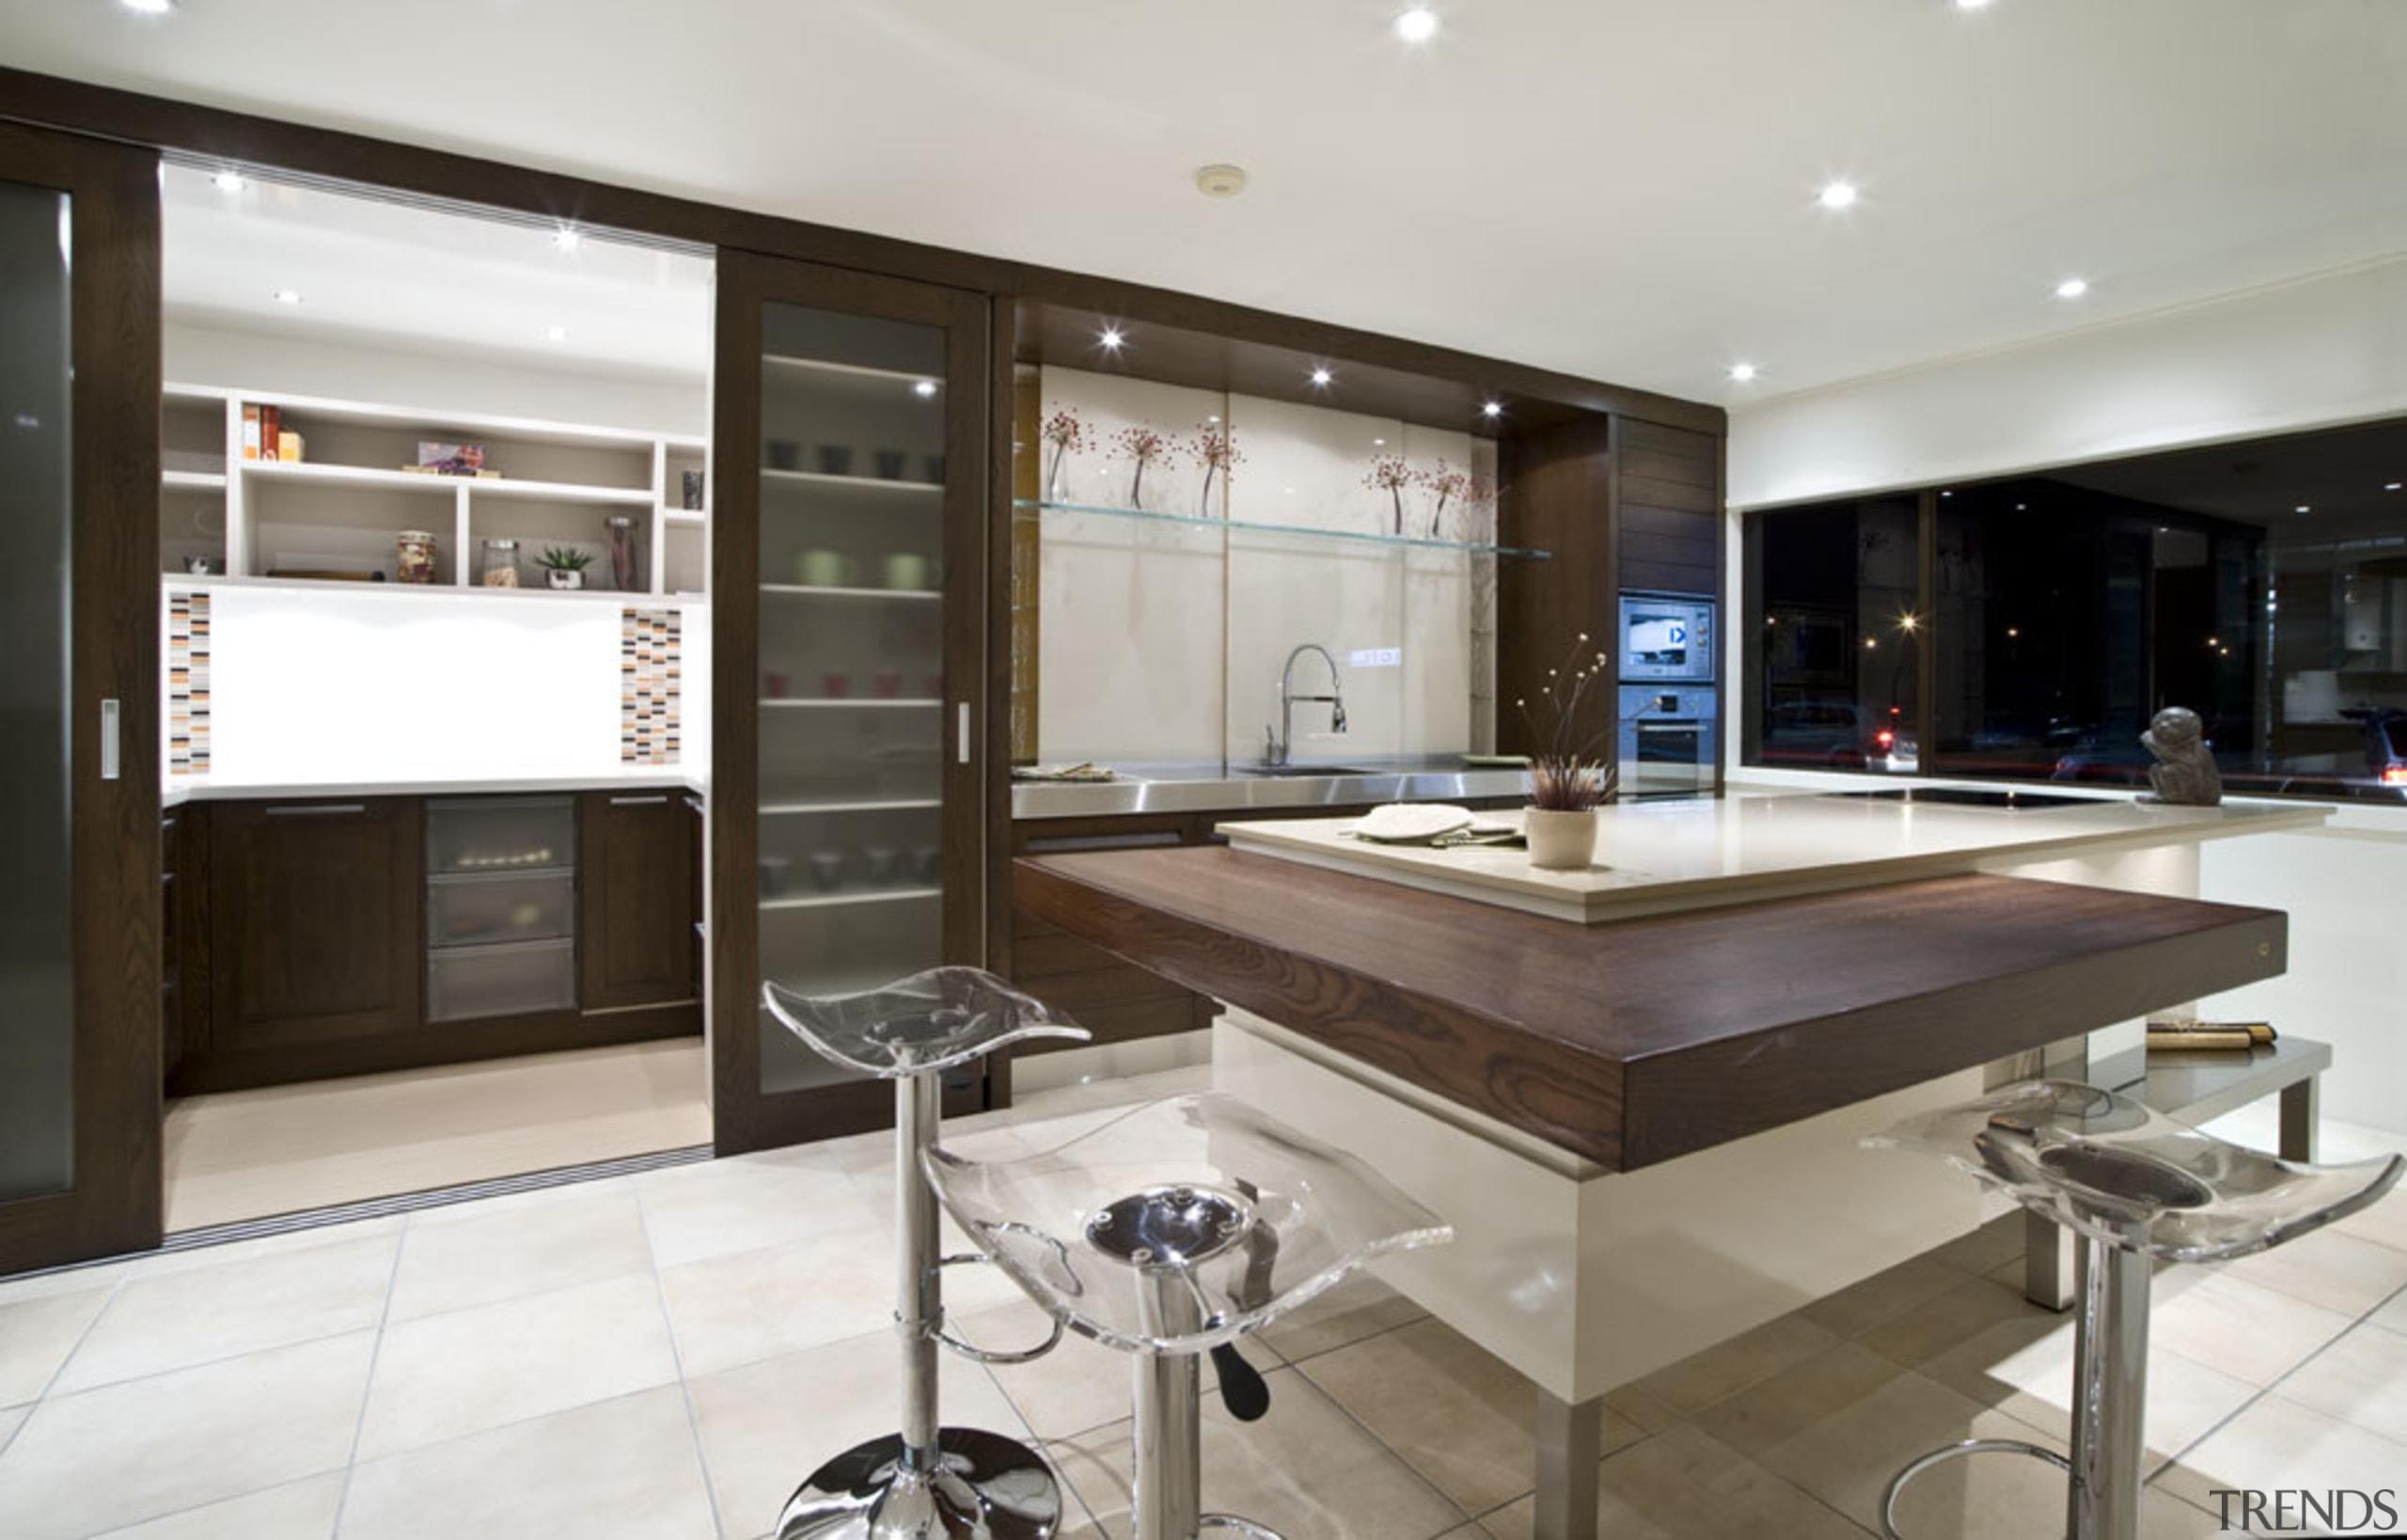 Greenlane - countertop | interior design | kitchen countertop, interior design, kitchen, property, real estate, white, gray, black